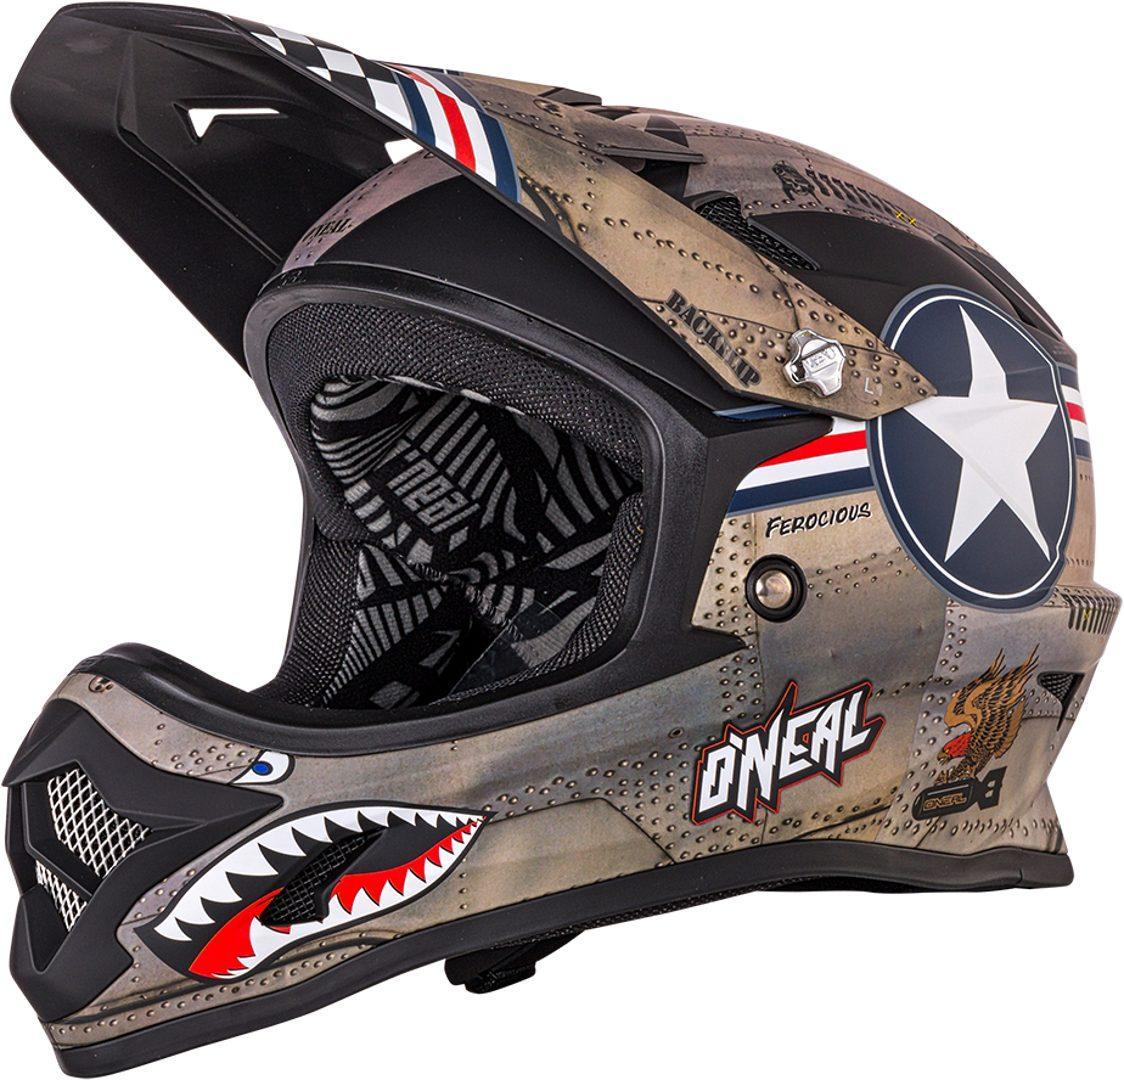 O´Neal Backflip RL2 Wingman 2018モデル ヘルメット 自転車 ダウンヒル MTB XC BMX マウンテンバイク ロード クロスカントリー 【緑】【AMACLUB】【かっこいい】 街乗り